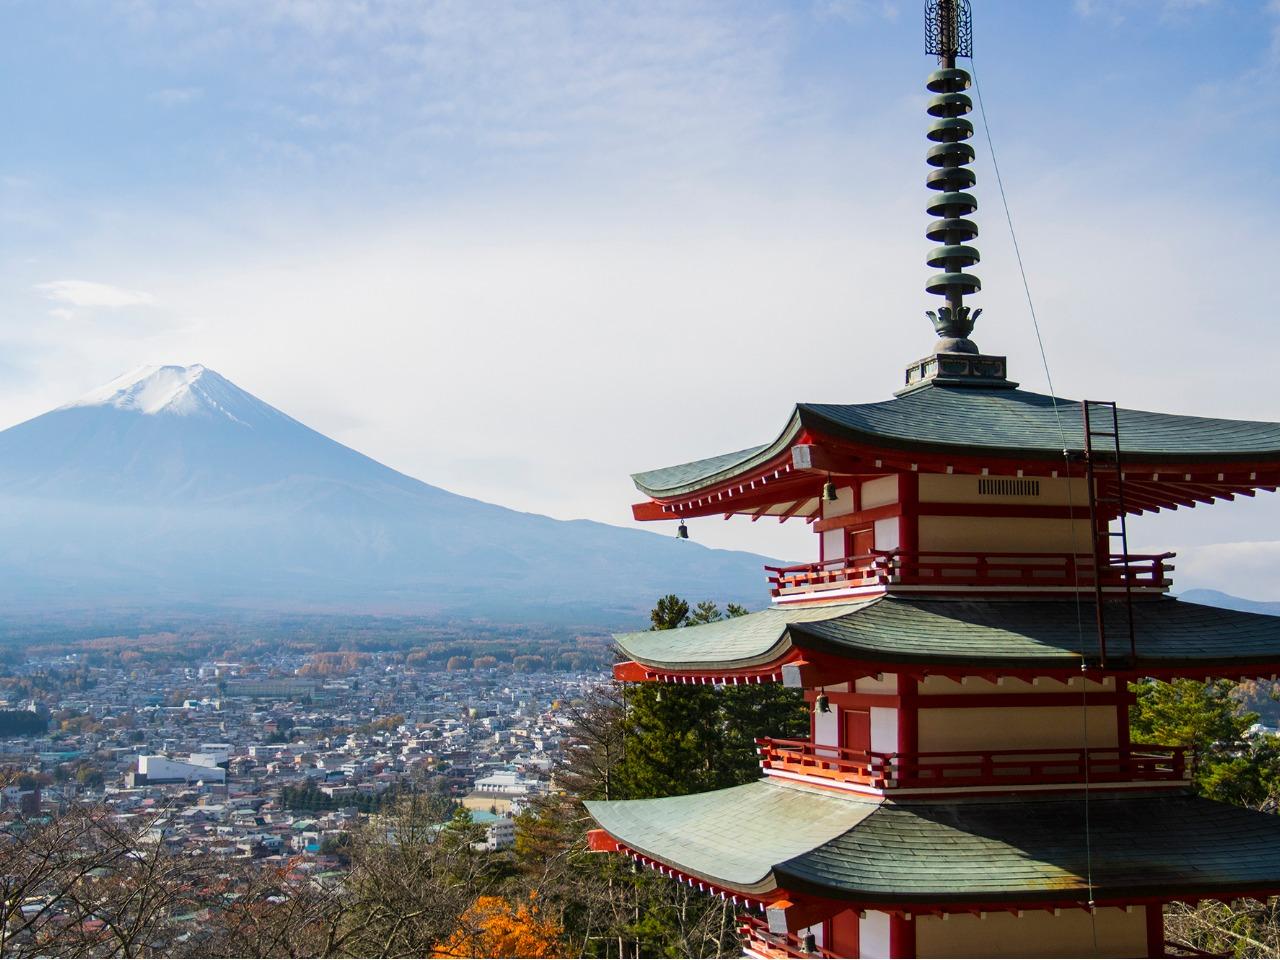 新倉山浅間公園の忠霊塔と富士山